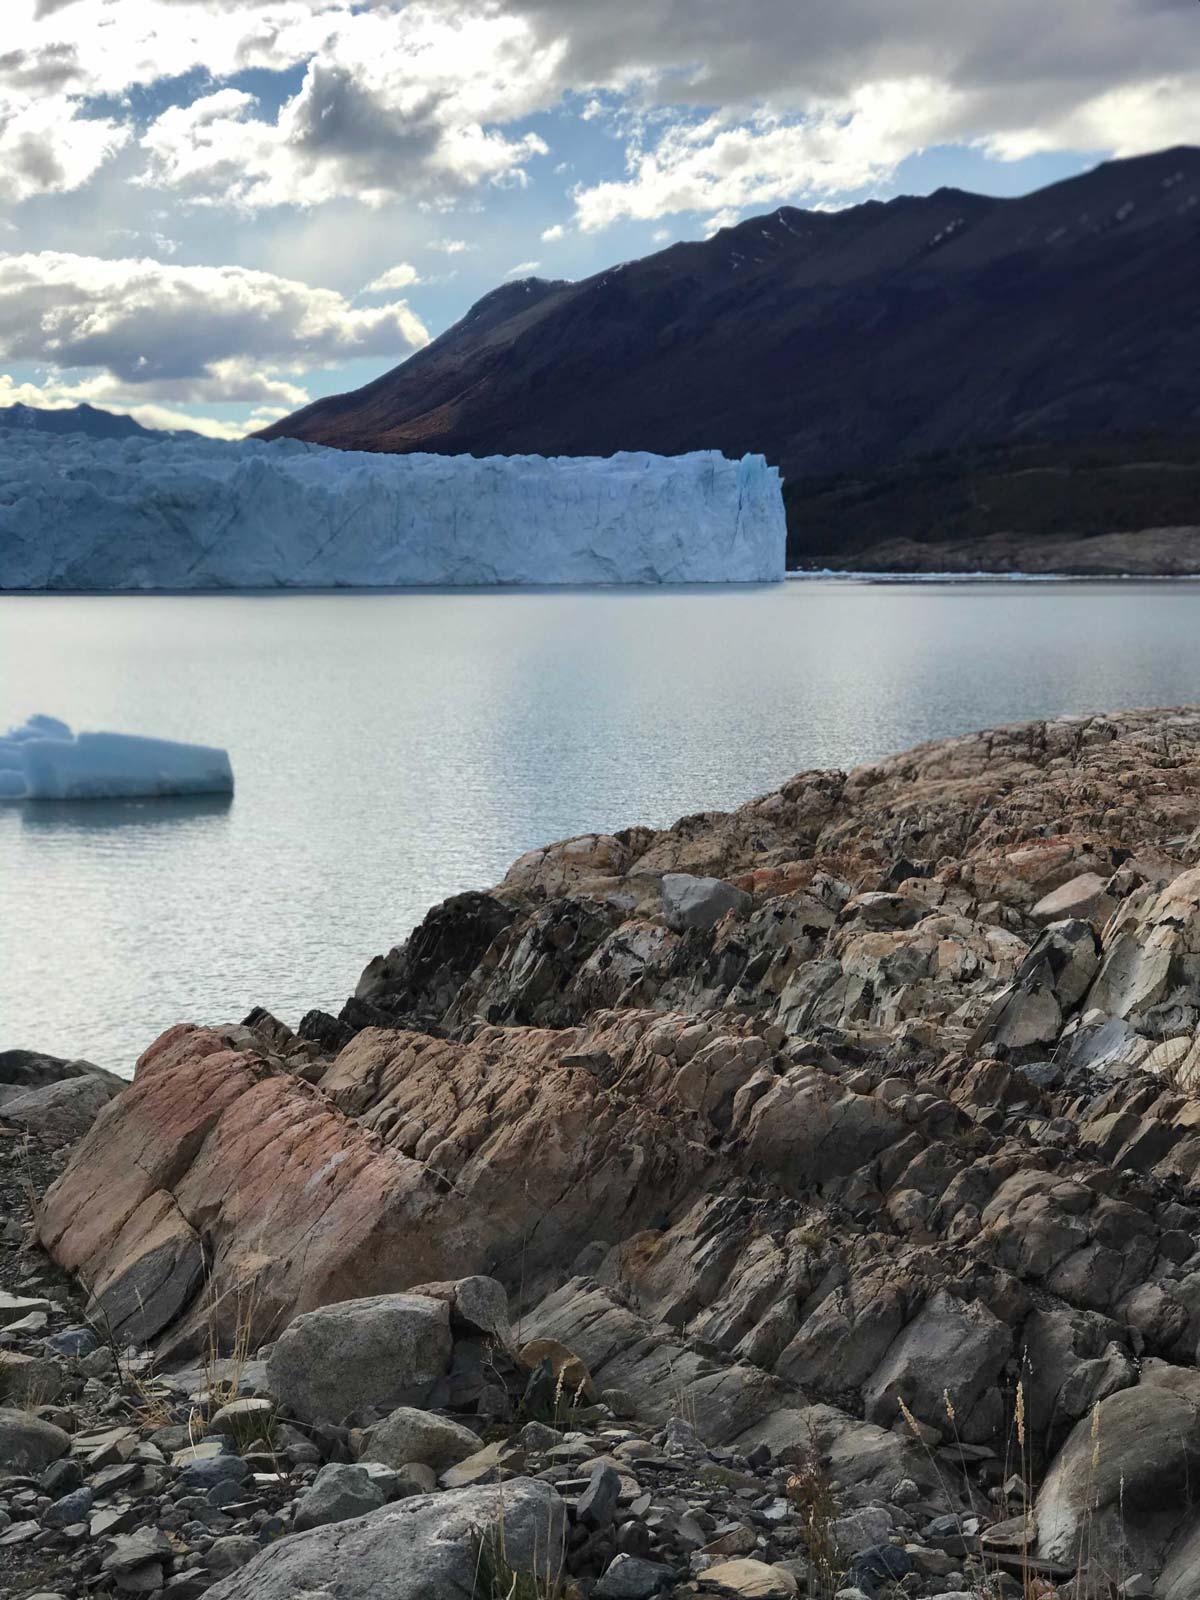 View of the Perito Moreno Glacier from the coast